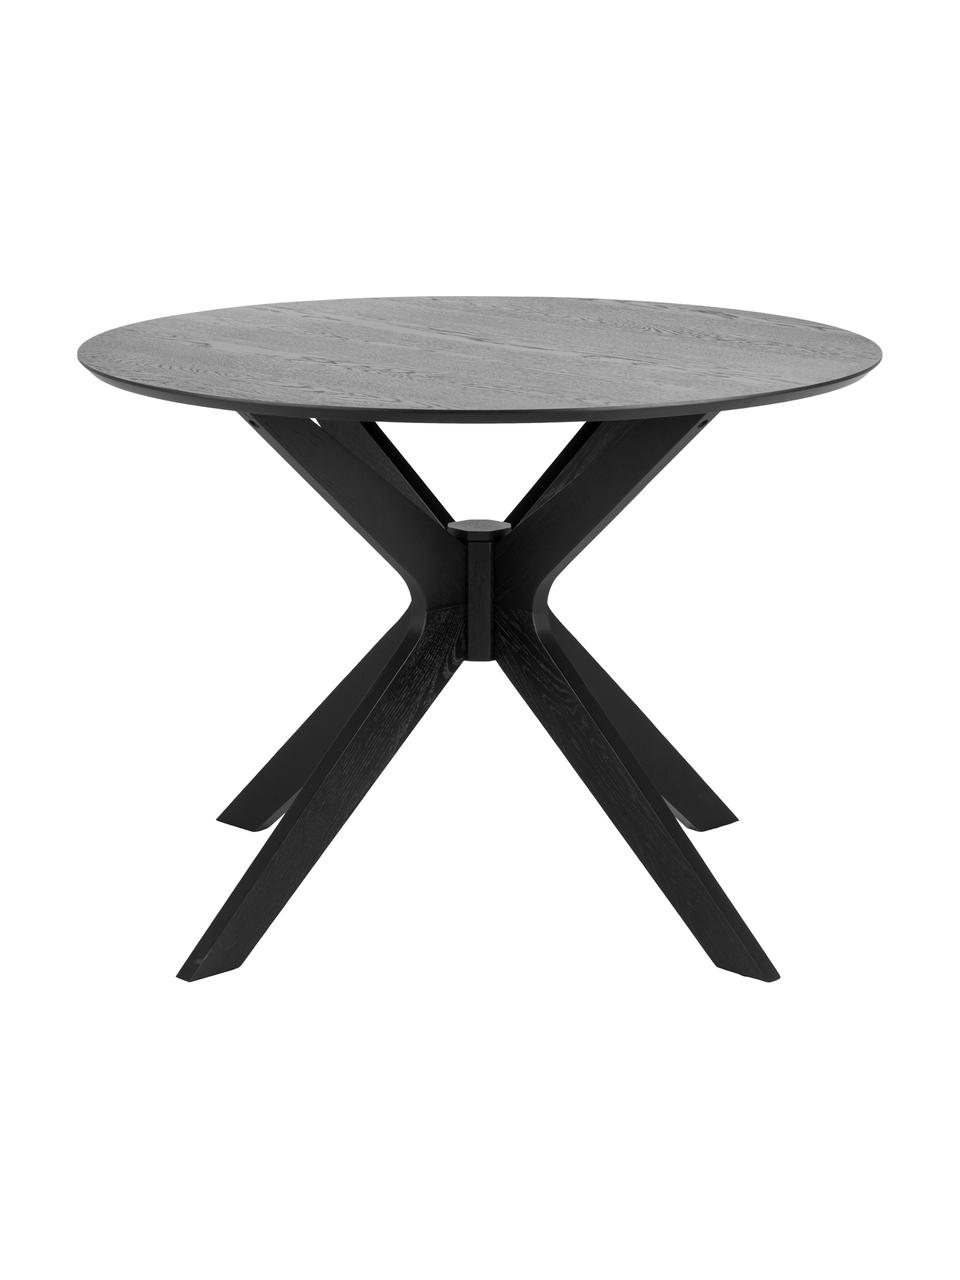 Runder Esstisch Duncan, Ø 105 cm, Tischplatte: Mitteldichte Holzfaserpla, Beine: Massives Birkenholz, lack, Schwarz, Ø 105 x H 75 cm